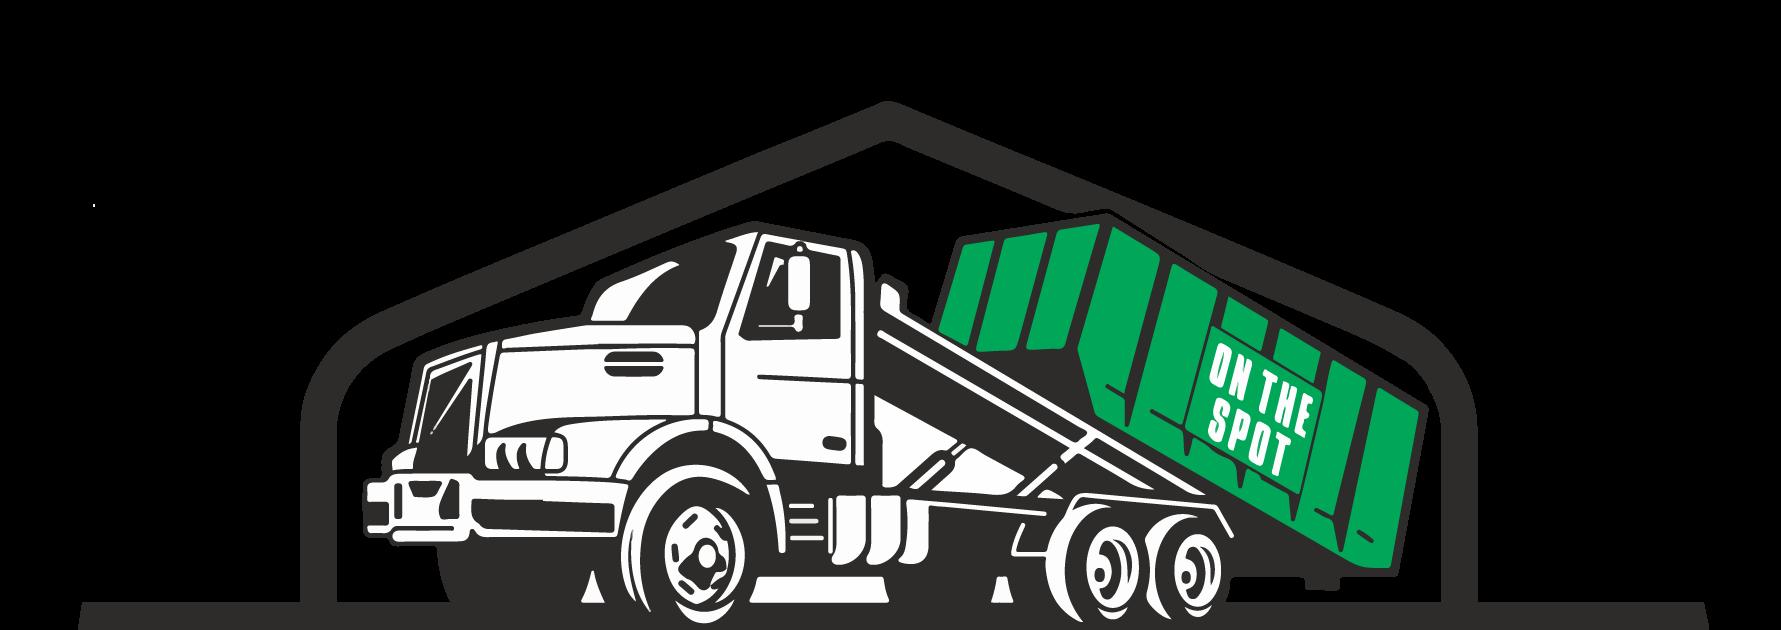 On The Spot Roll-Offs Truck Logo